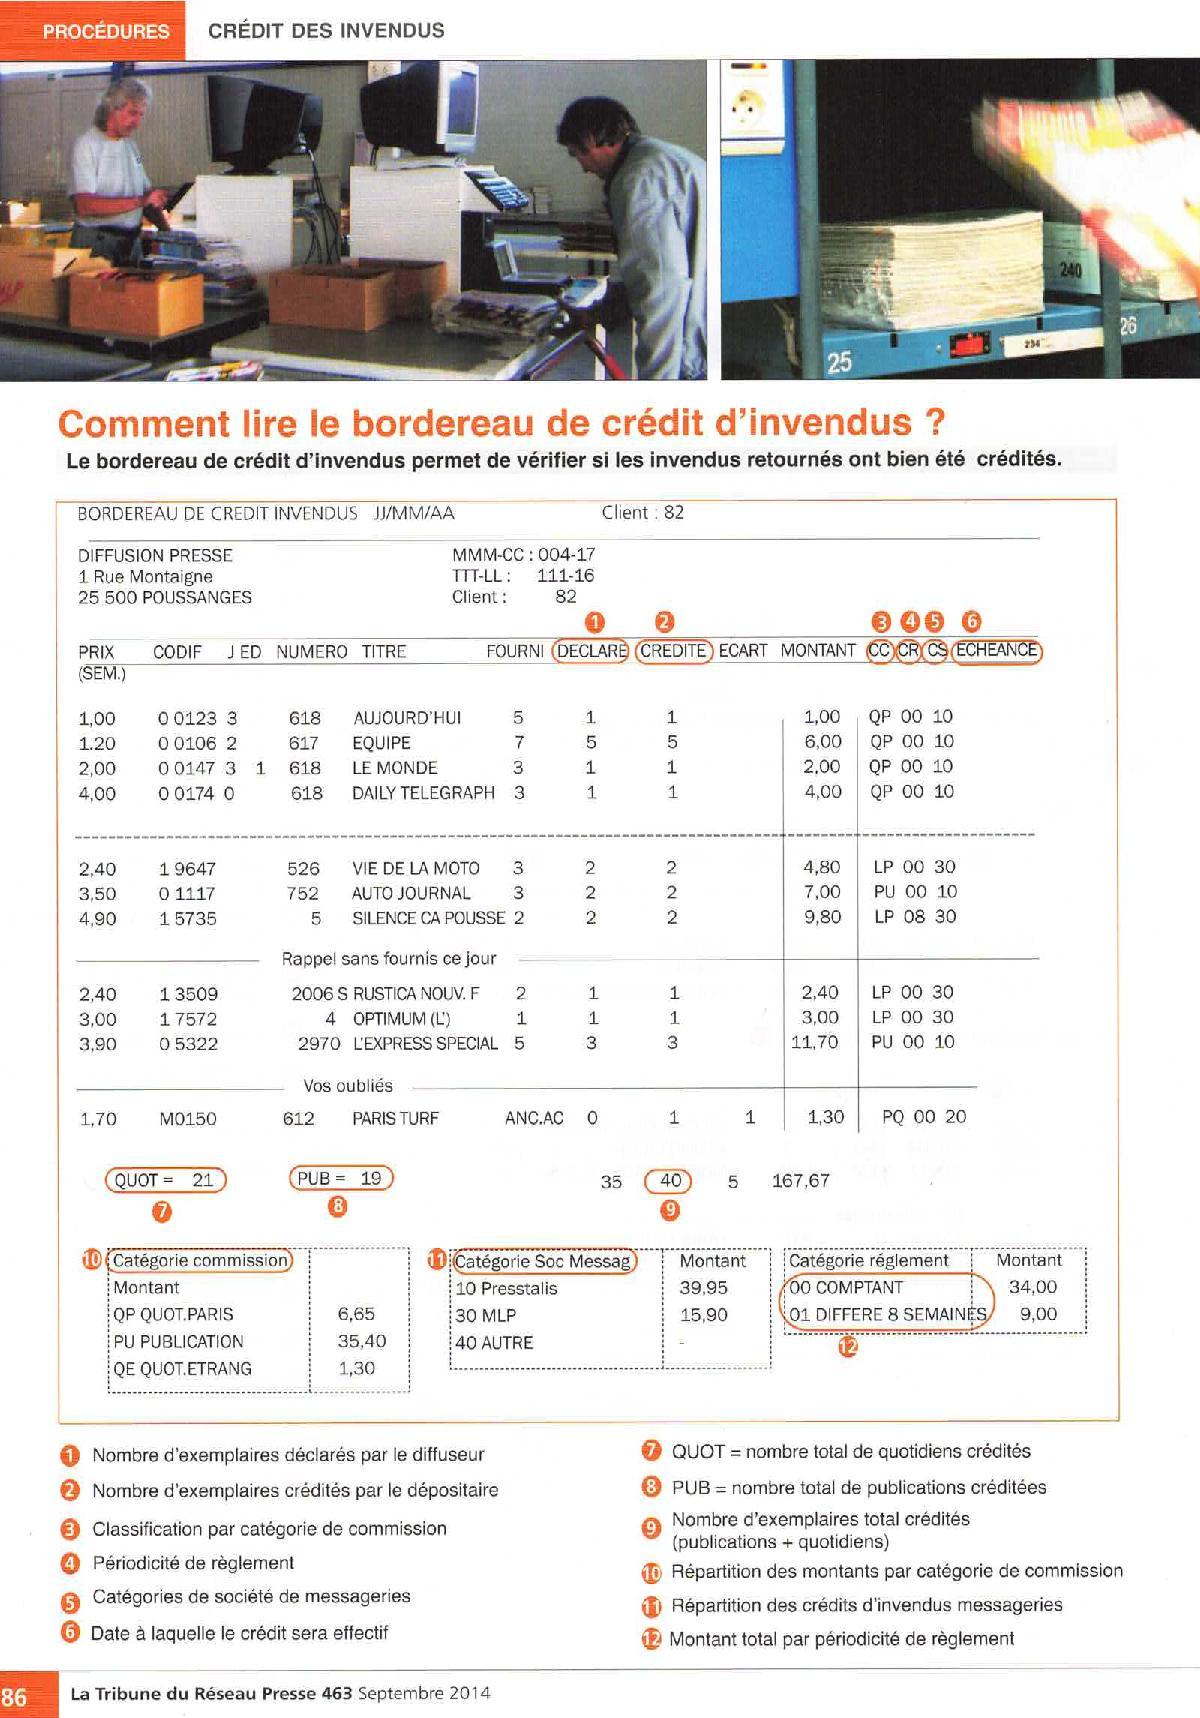 Bordereau-de-cr%C3%A9dit-d-invendu-page-